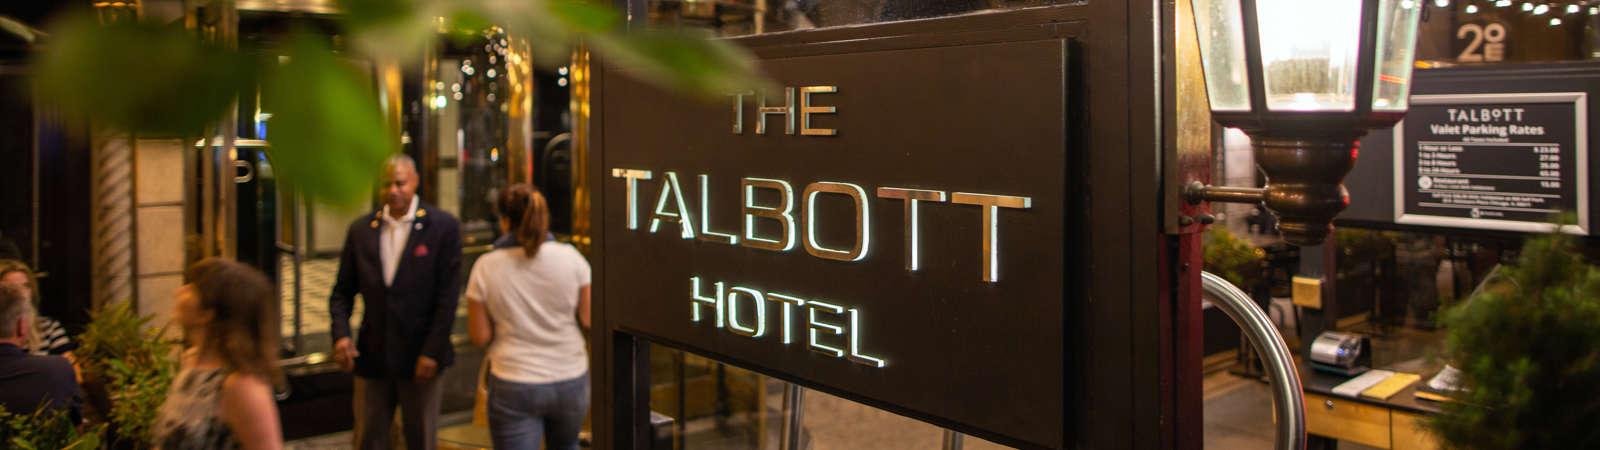 013-talbott-0360